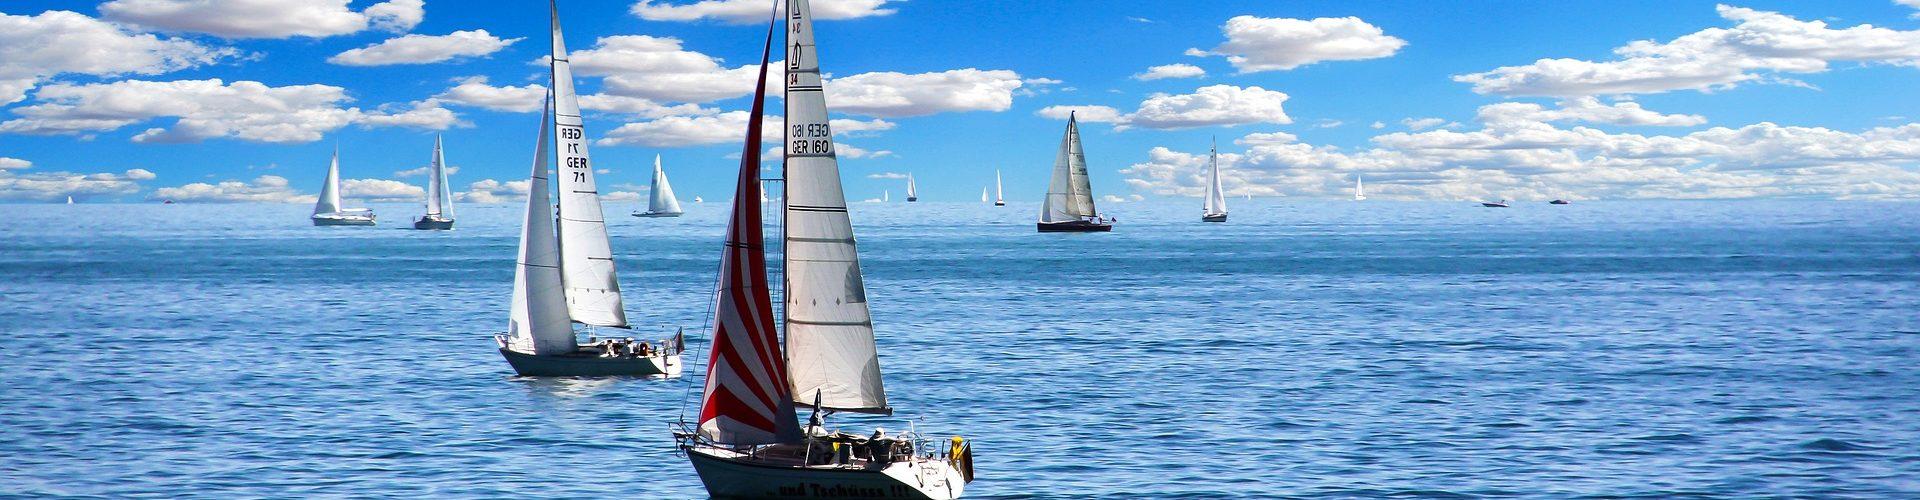 segeln lernen in Winsen Aller segelschein machen in Winsen Aller 1920x500 - Segeln lernen in Winsen (Aller)